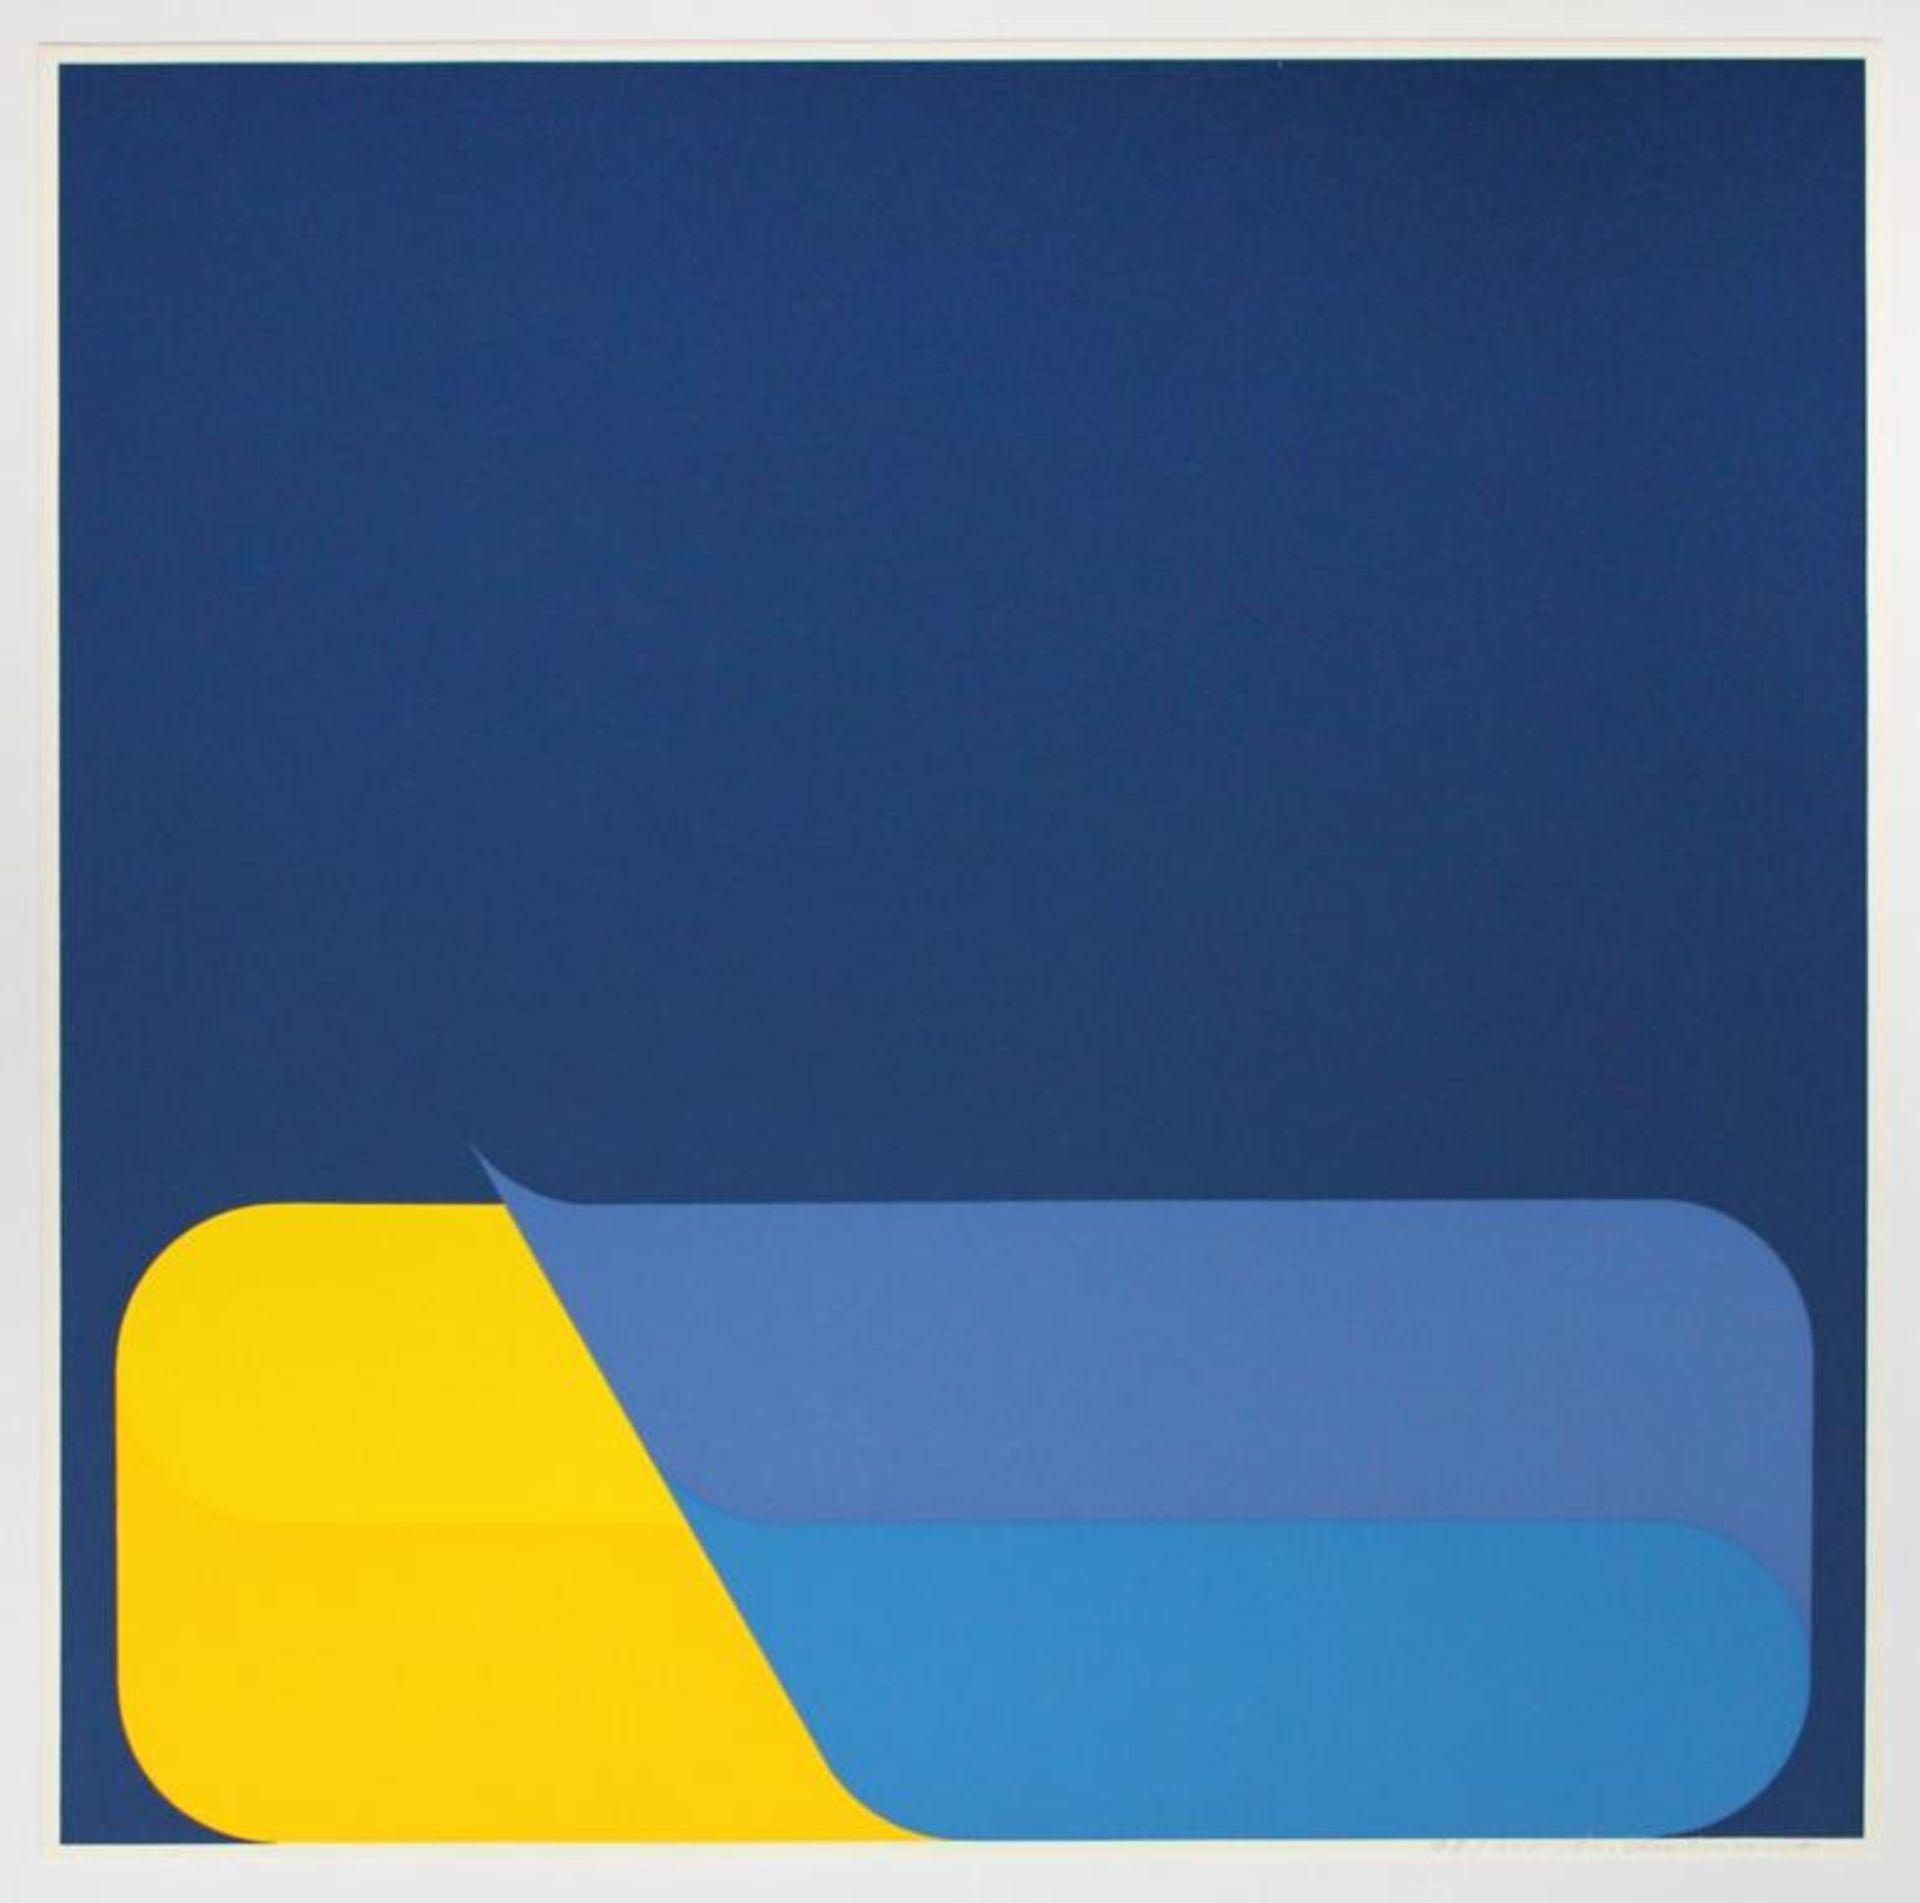 Kuhnert Horst (geb. 1938) Ohne Titel 1975 Farbsiebdruck handsigniert und nummeriert 99/100 40 x 40